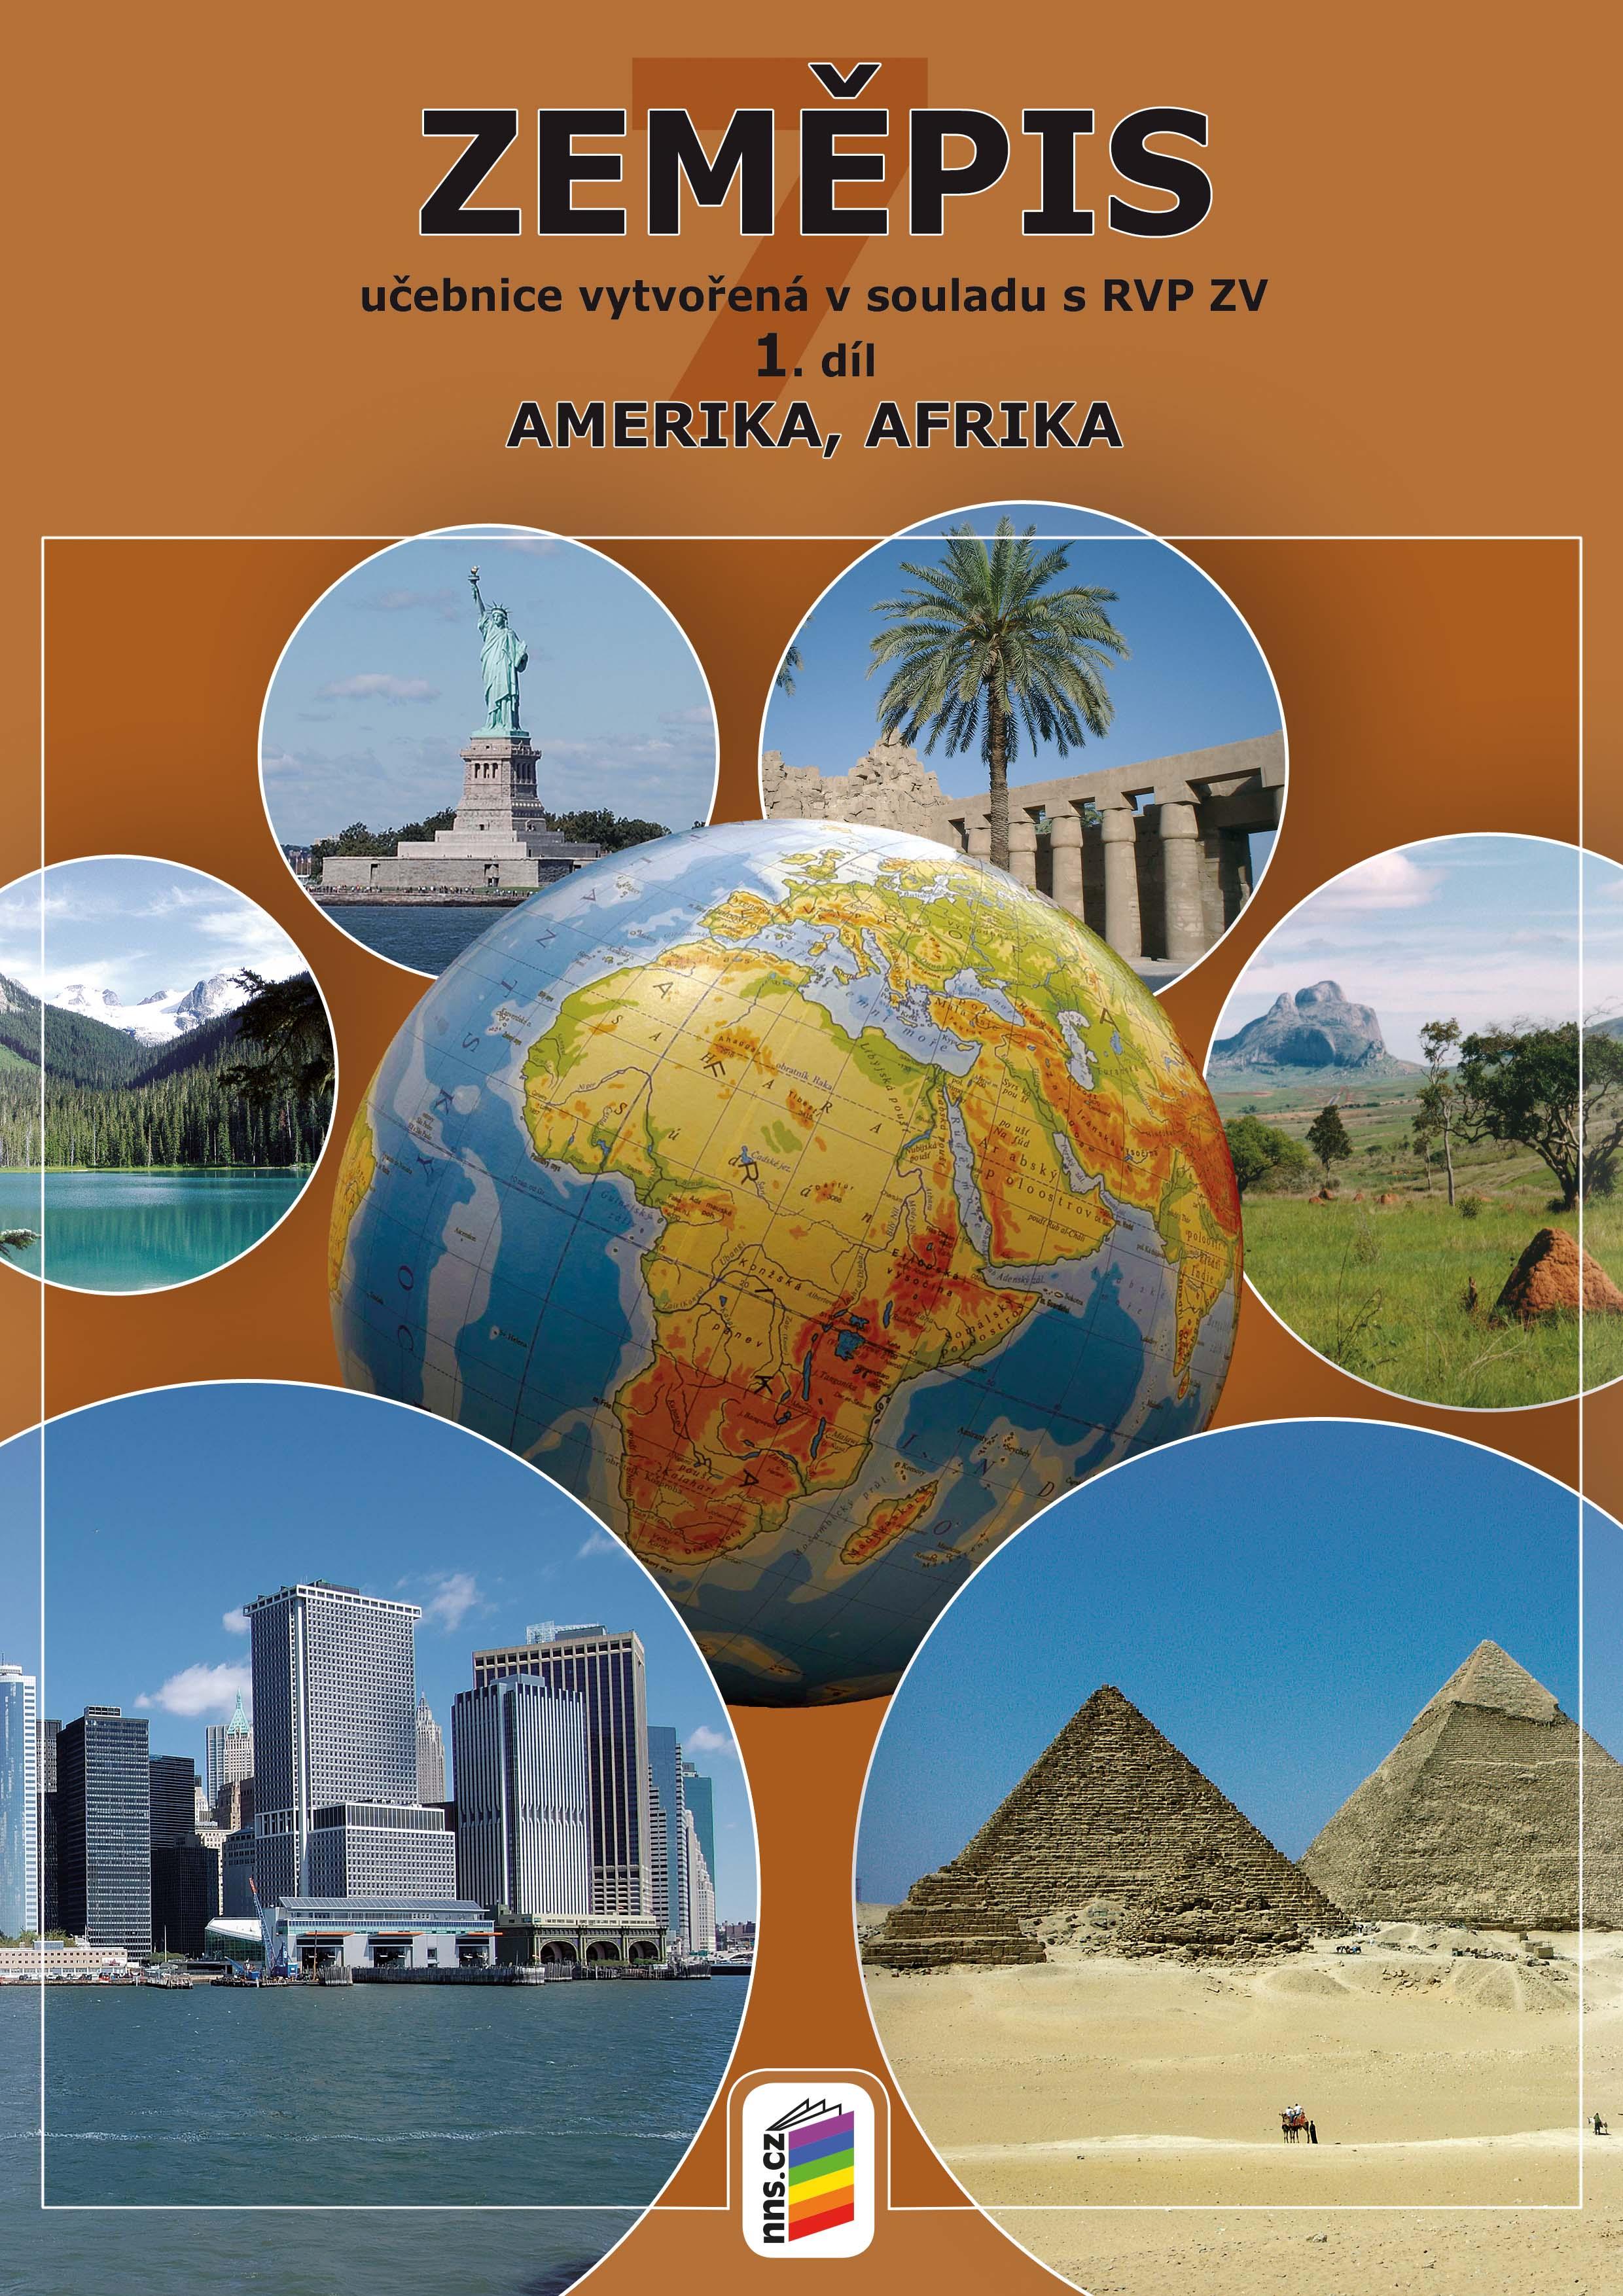 Zeměpis 7, 1. díl - Amerika, Afrika